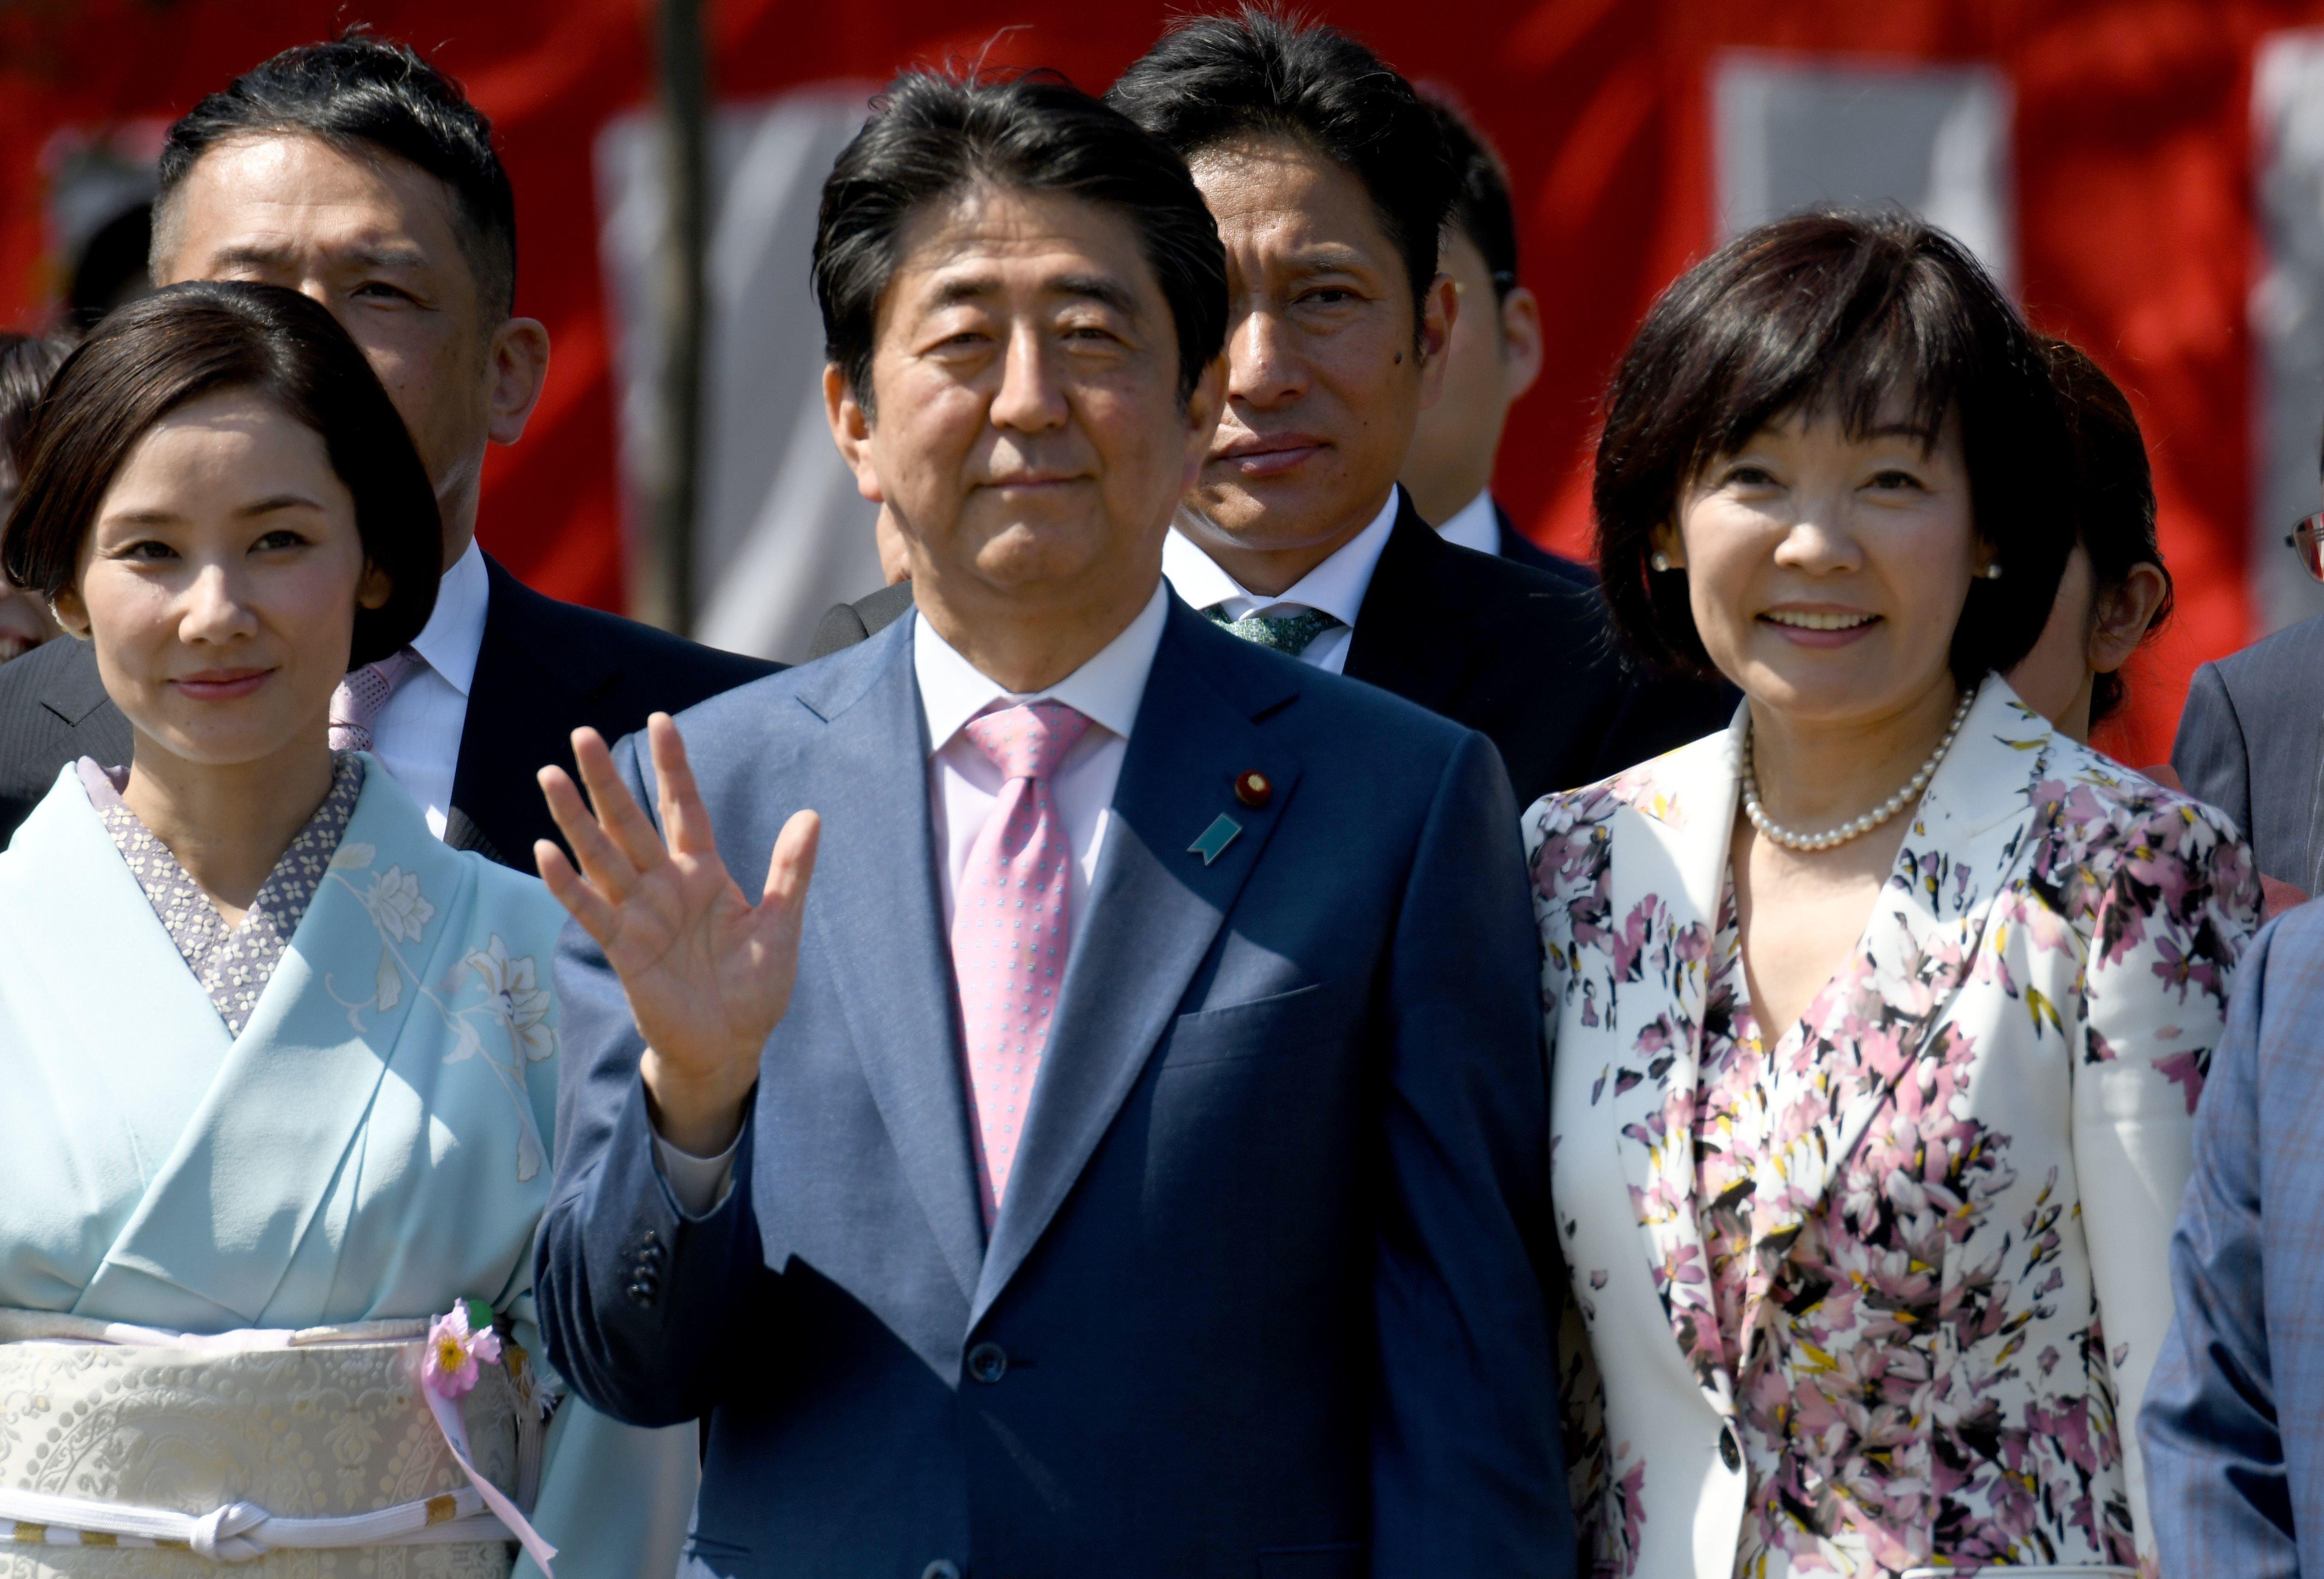 아베 총리가 북한의 핵실험 중지 발표를